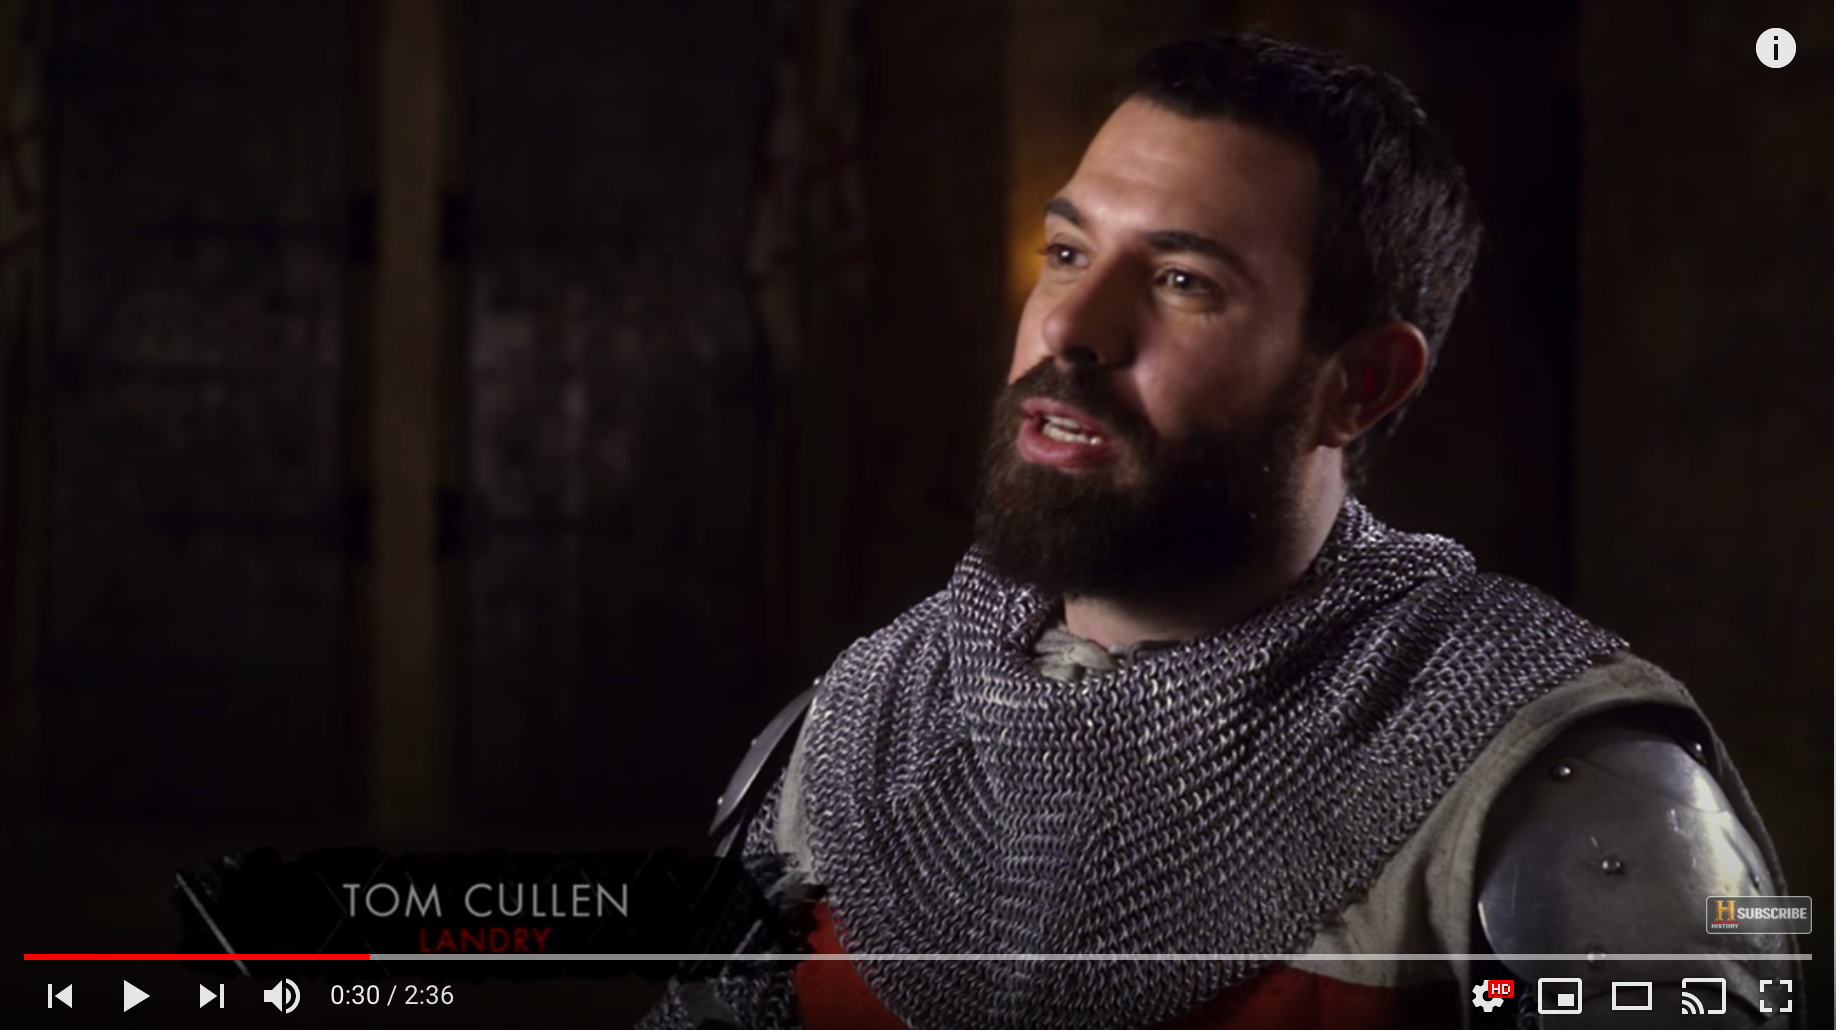 Tom Cullen: KnightFall Talent